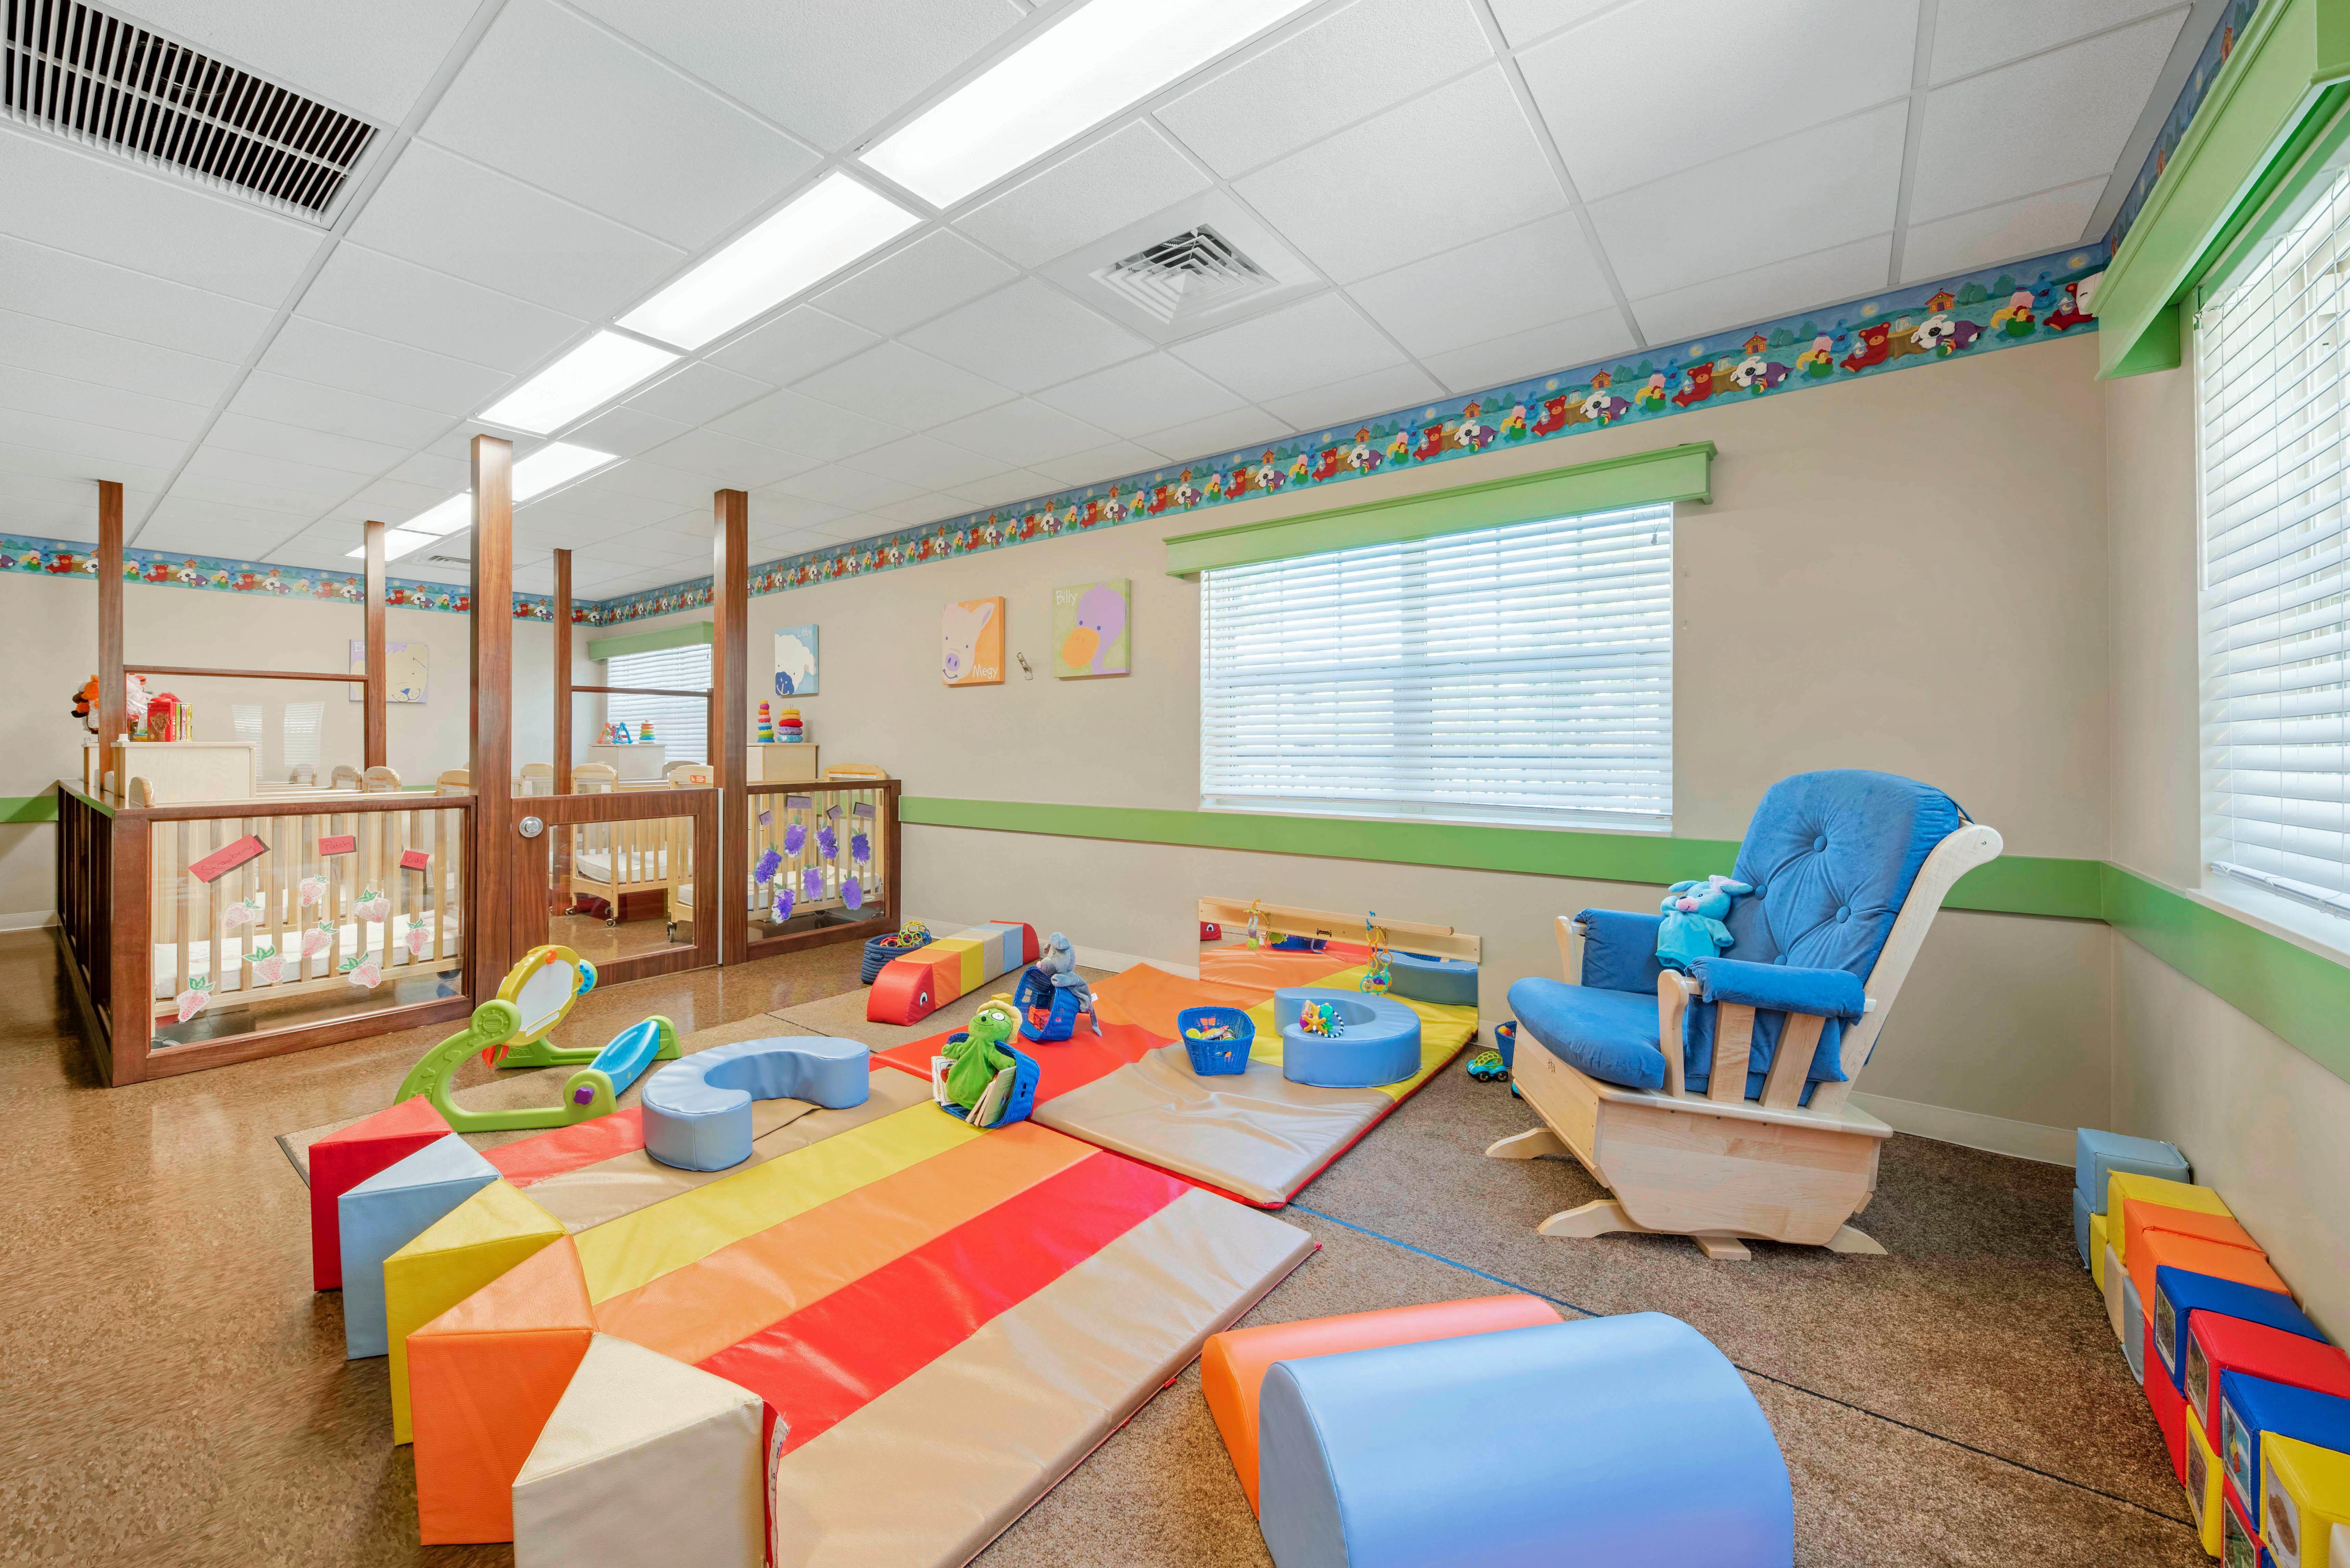 Primrose School of Willow Glen image 3